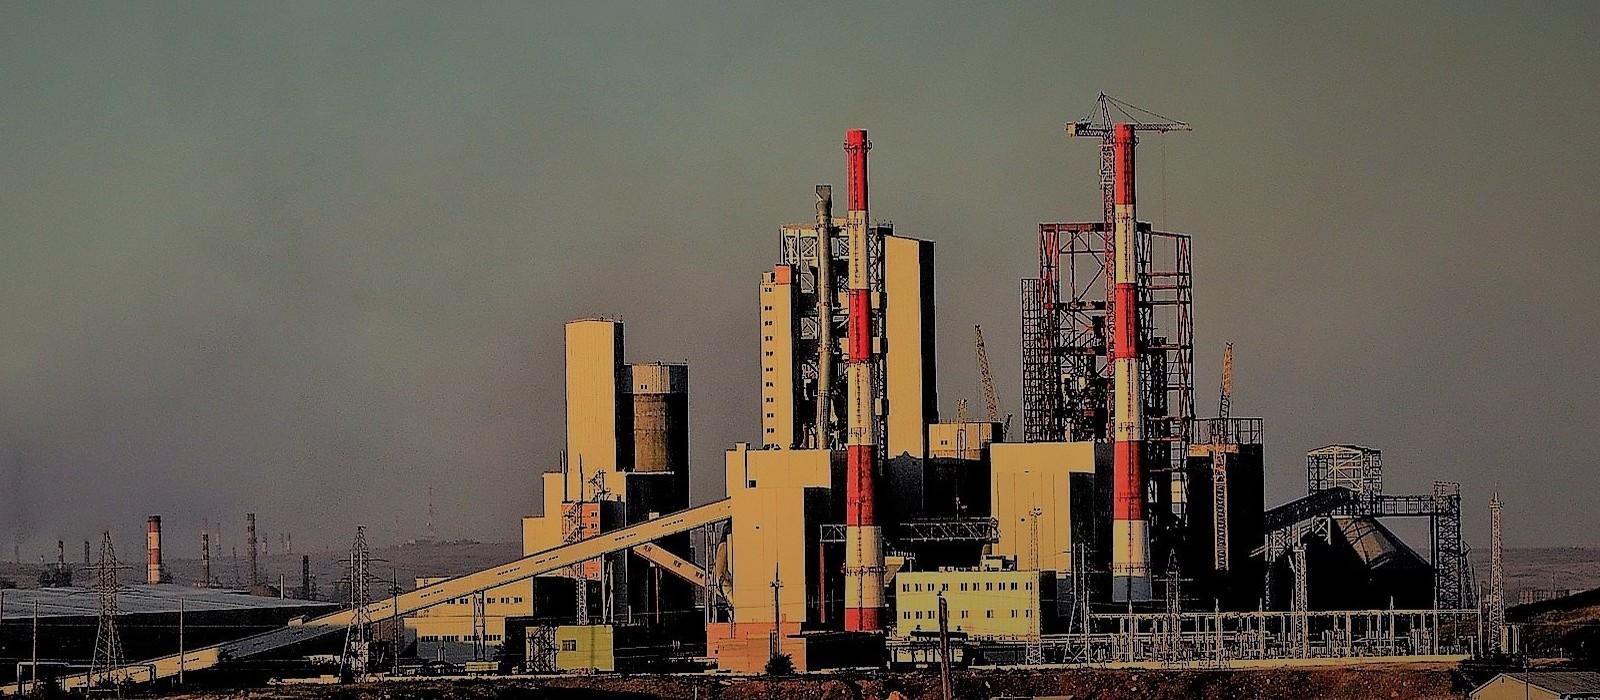 Экспертиза промышленной безопасности зданий и сооружений на особо опасном объекте